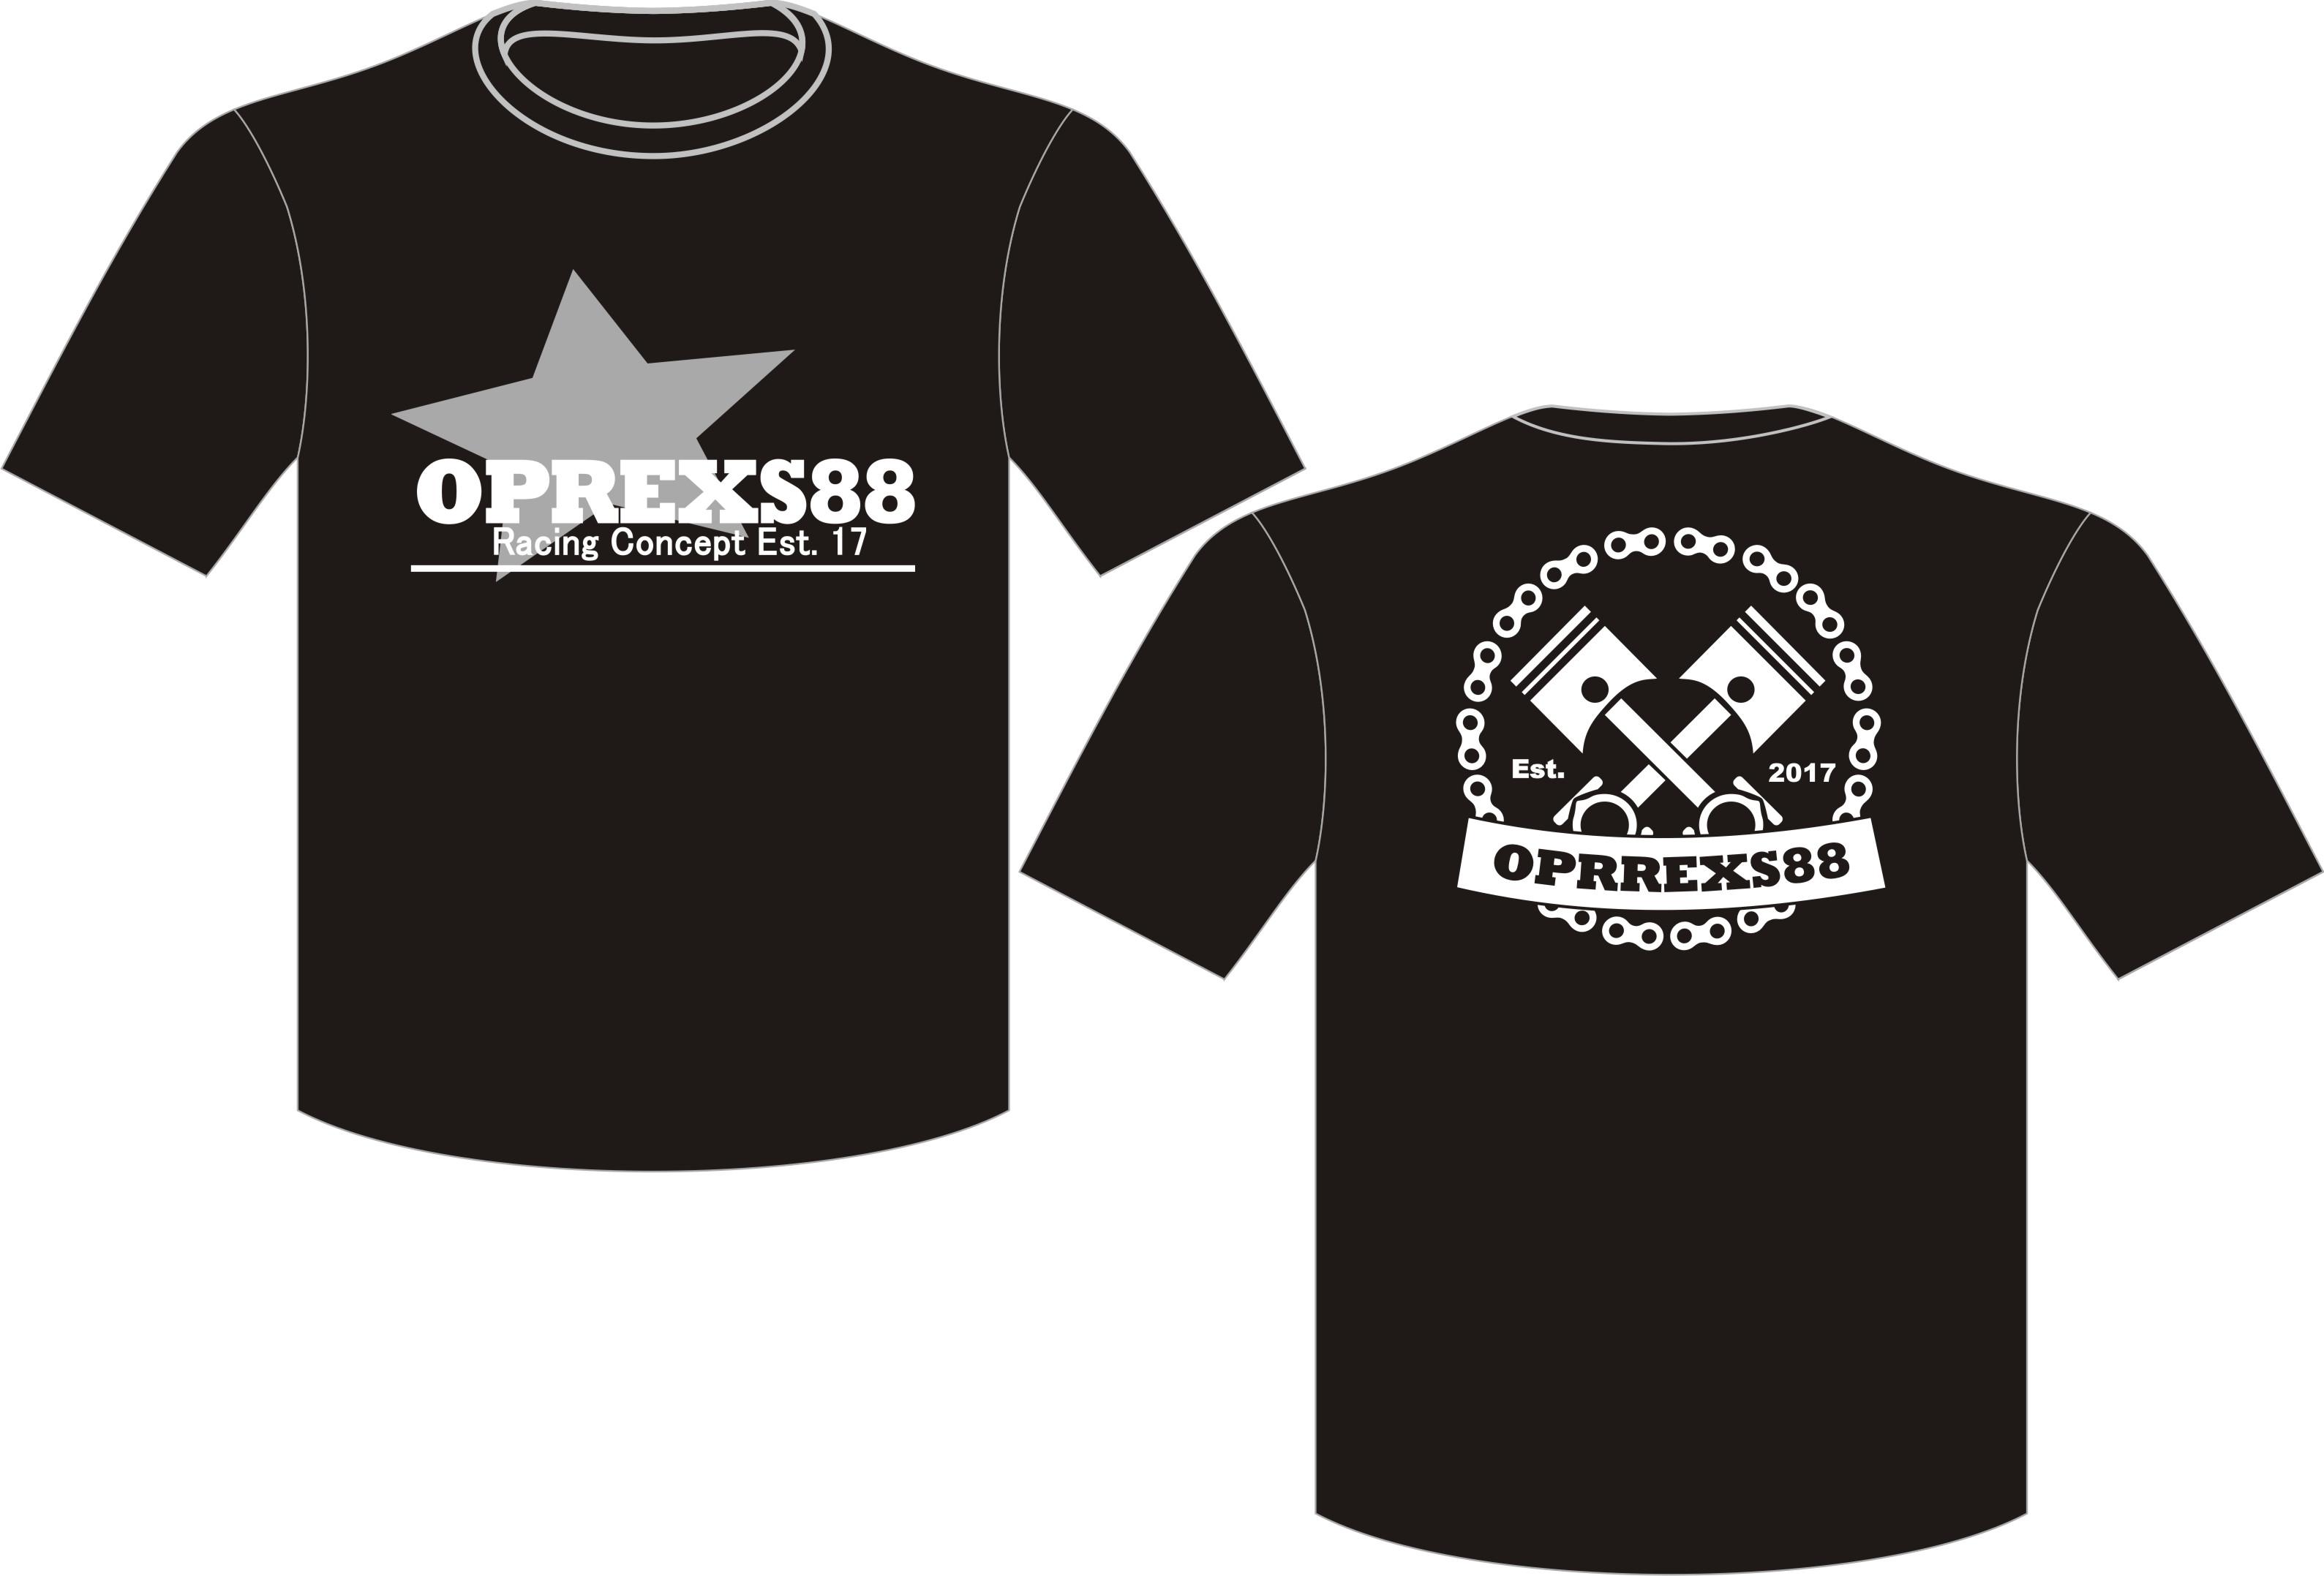 Seragam Kaos Oprexs88